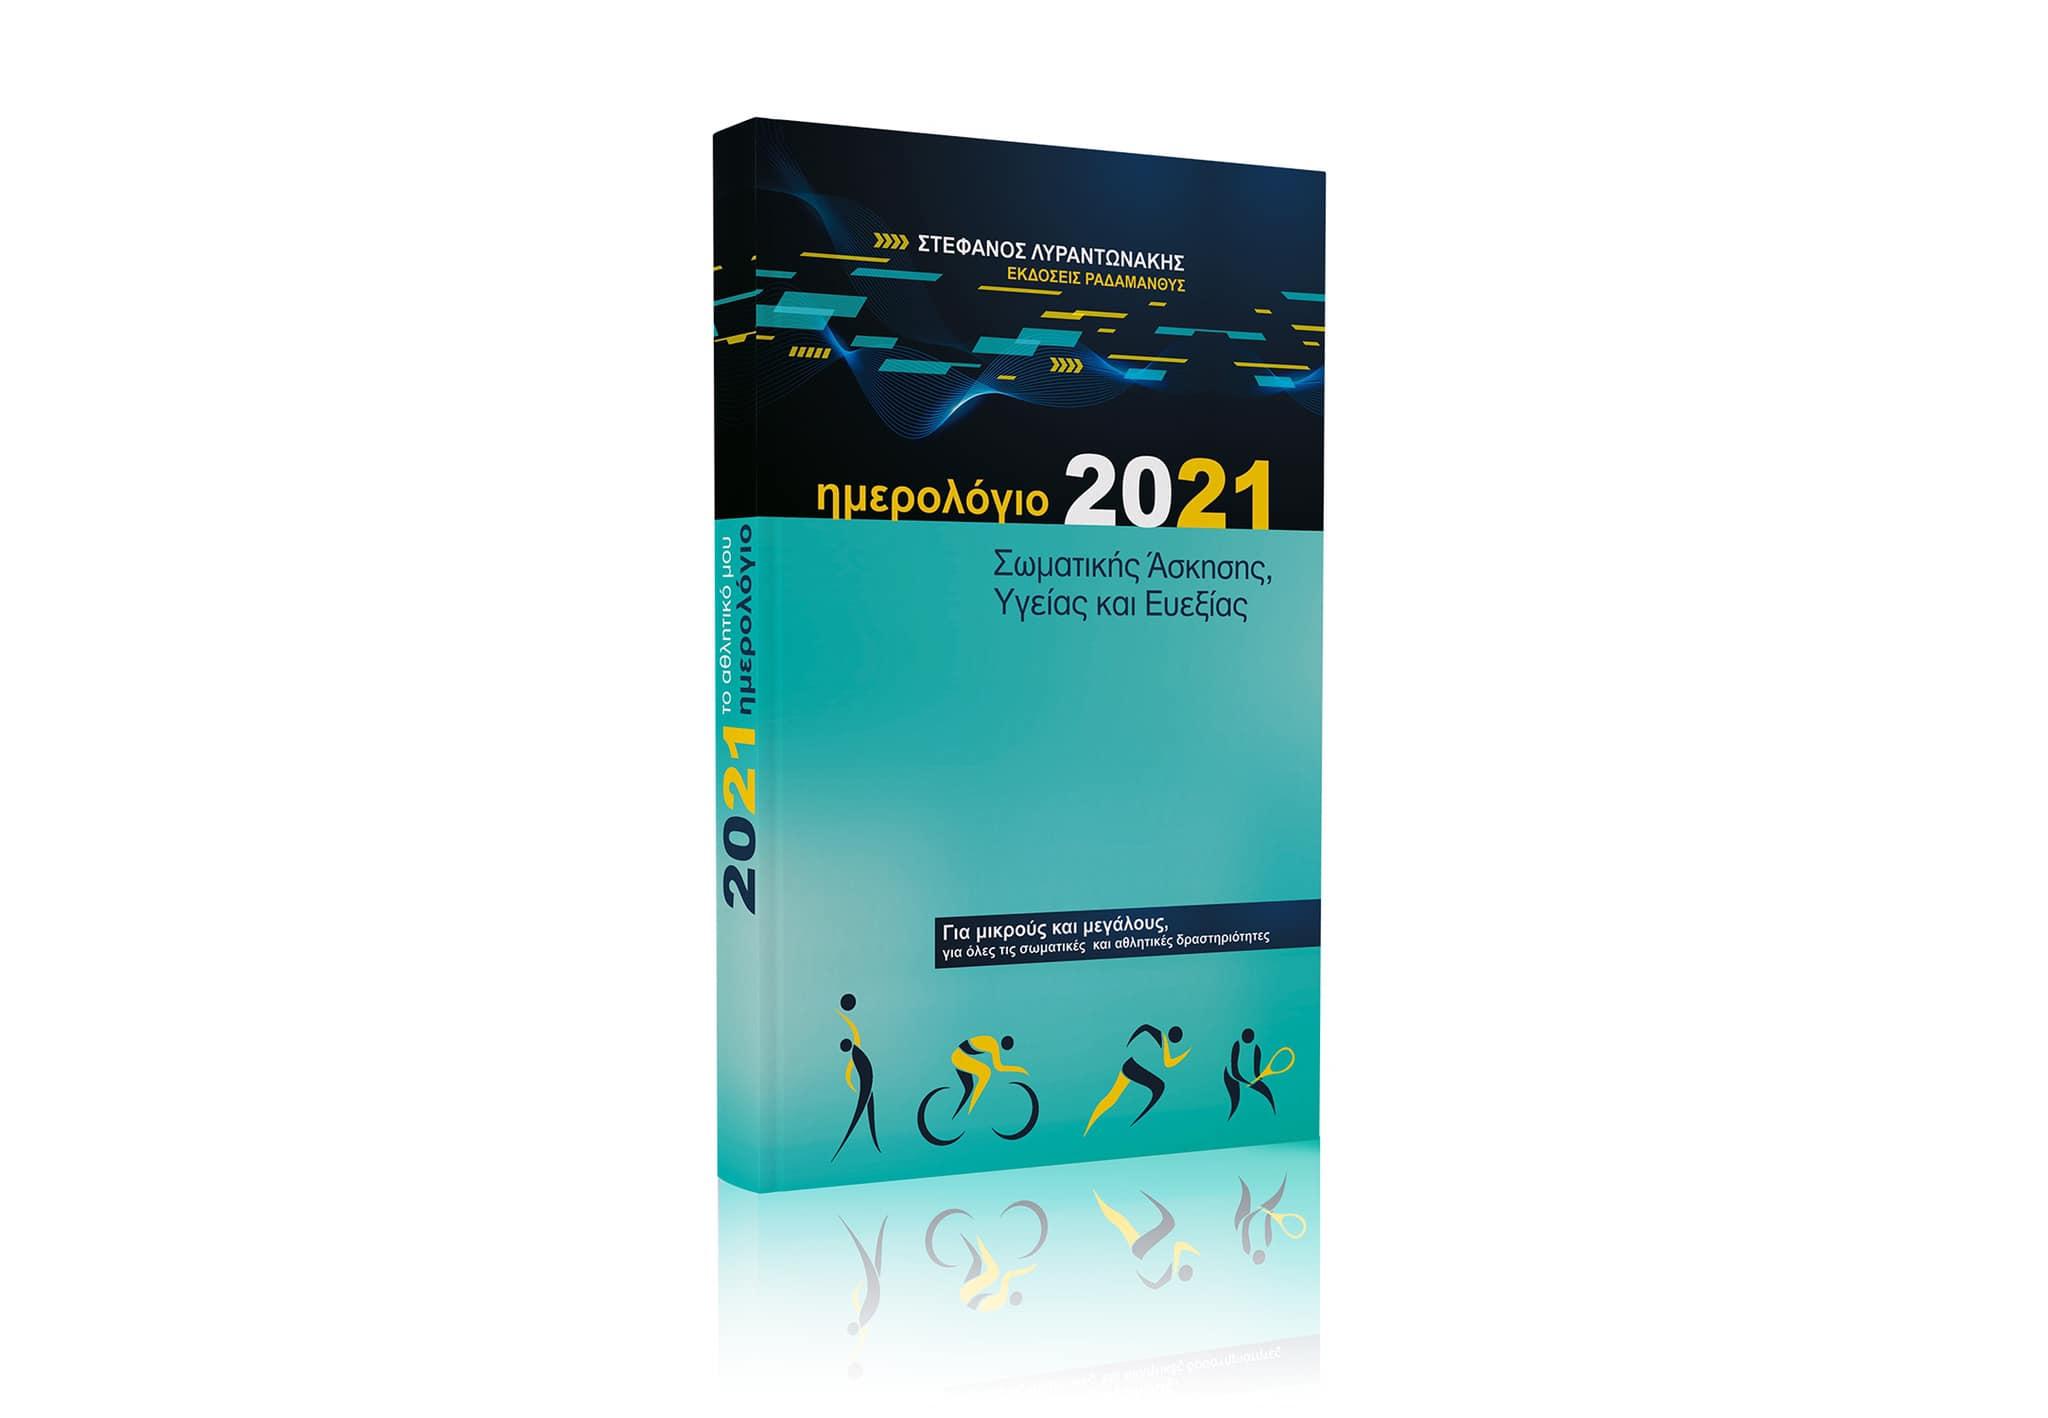 Αθλητικό Ημερολόγιο 2021 – Στέφανος Λυραντωνάκης